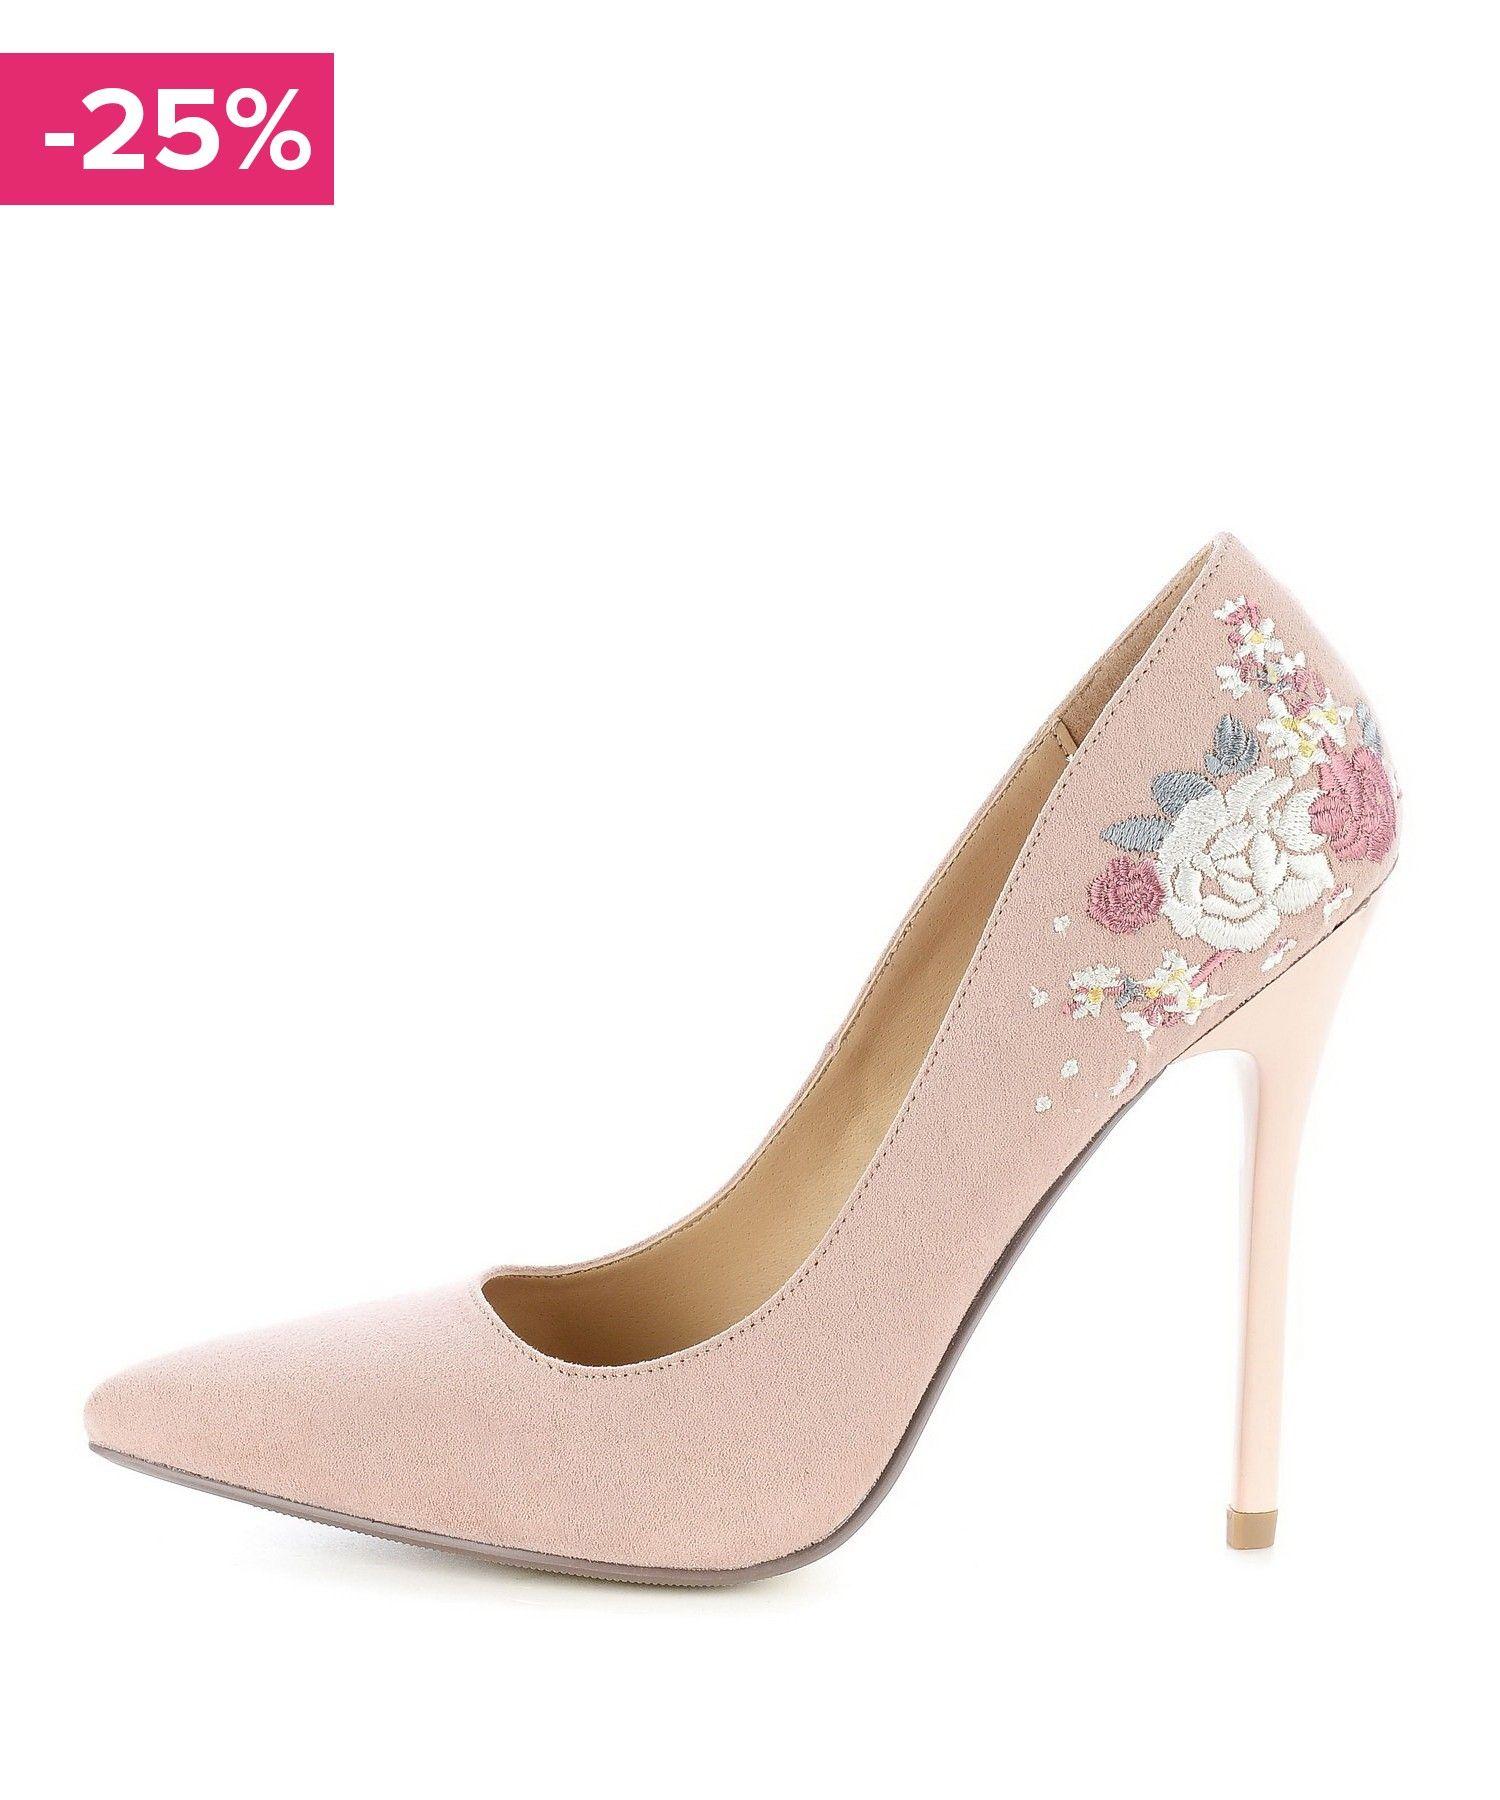 Pudrowe Czolenka Z Haftem W Kwiaty Follonica Heels Shoes Pumps